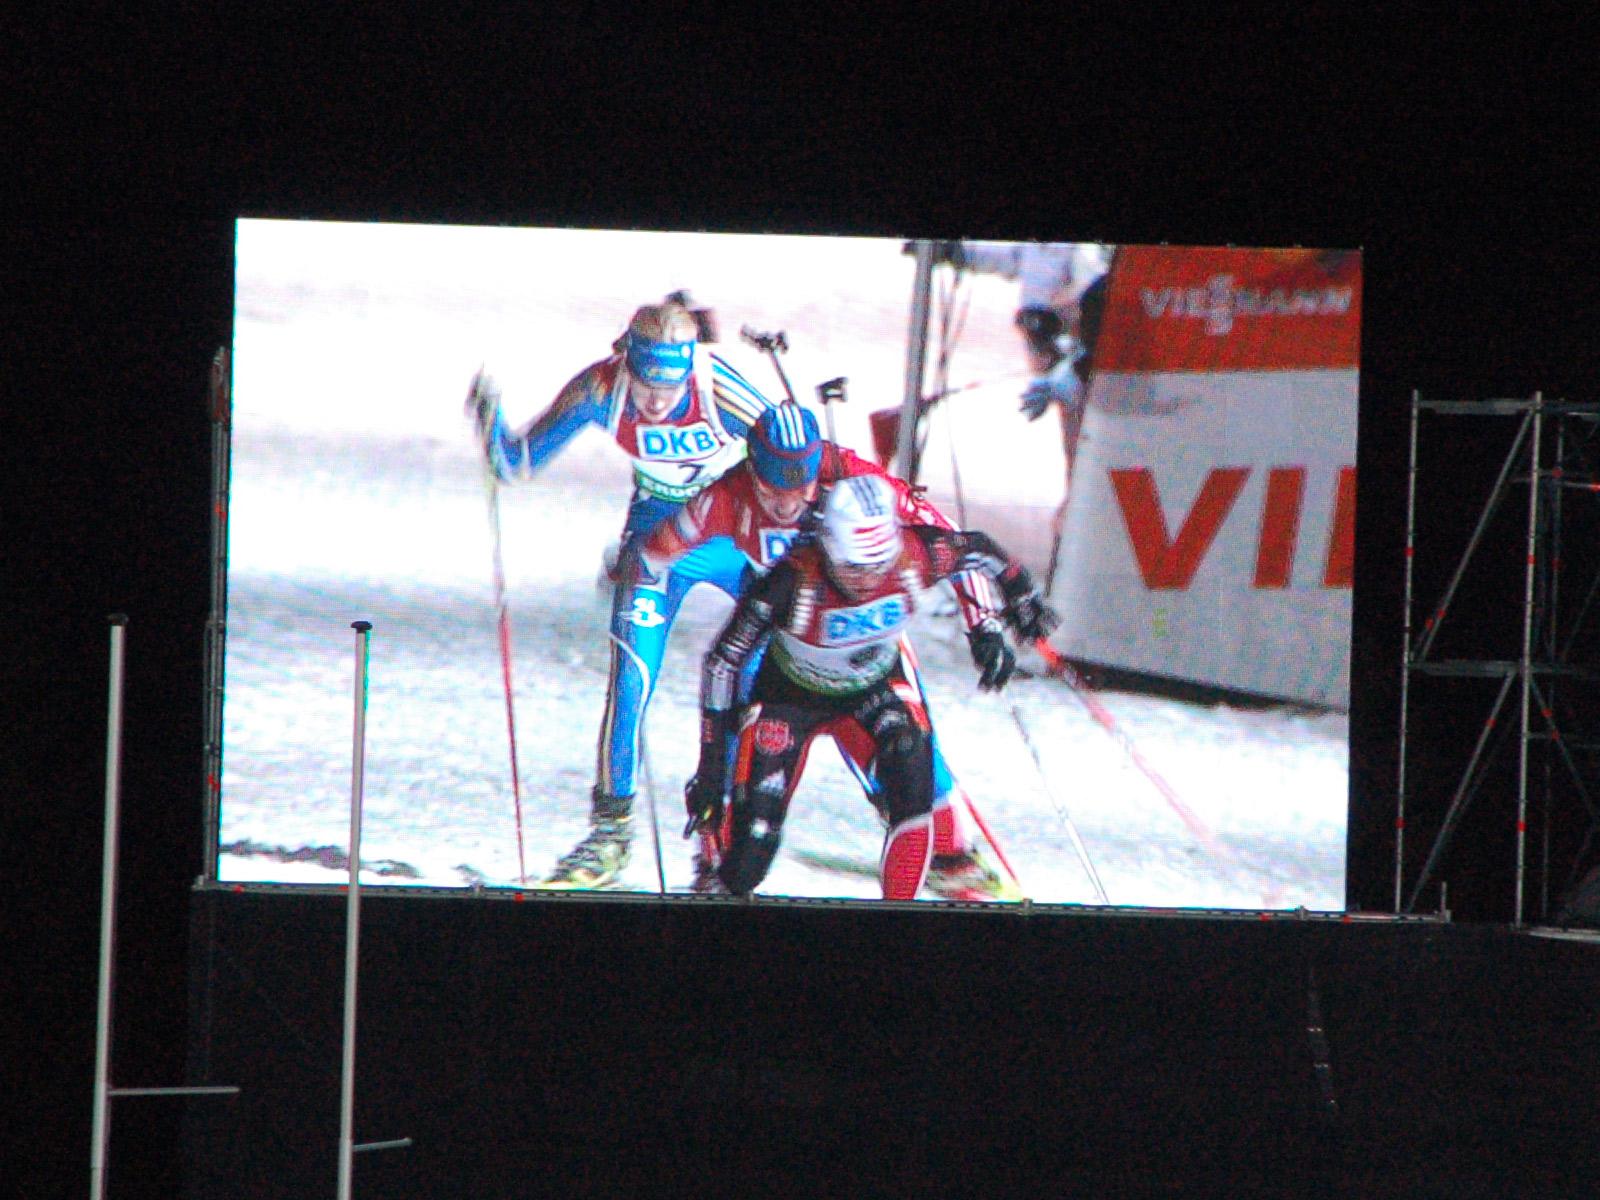 biathlon90